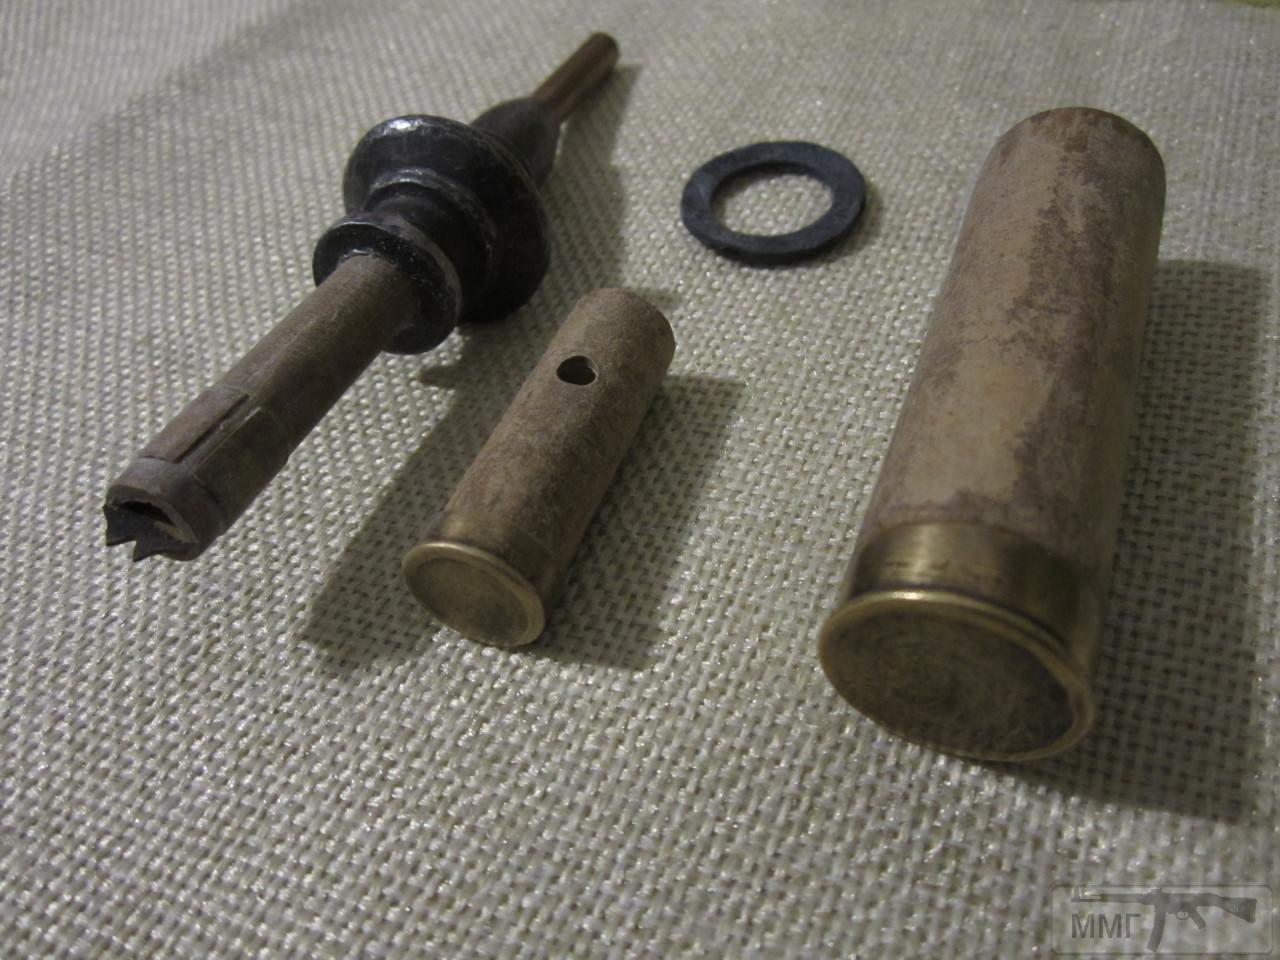 89173 - Створення ММГ патронів та ВОПів.